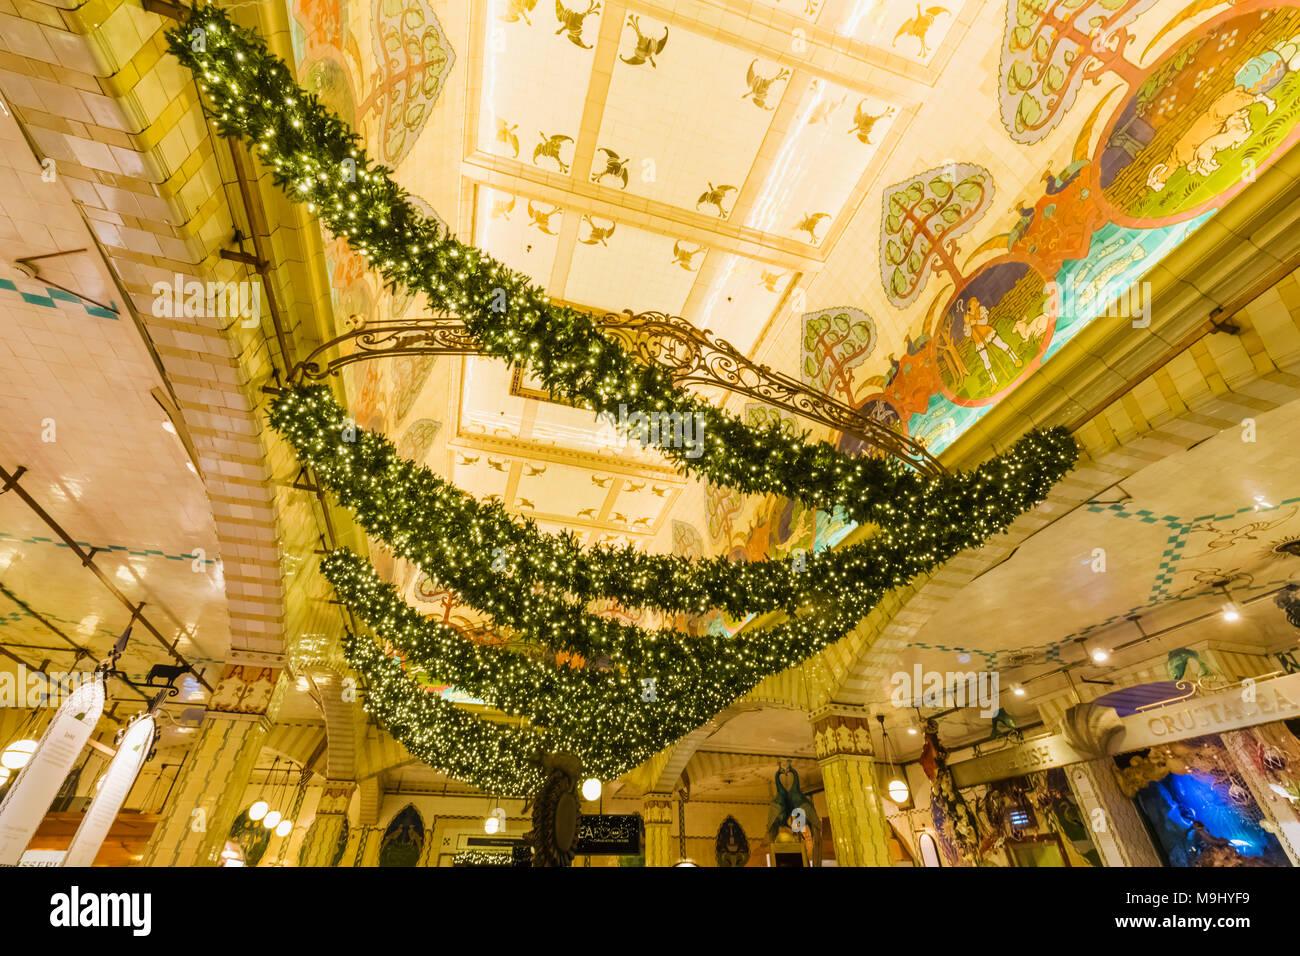 Addobbi Natalizi Harrods.Inghilterra London Knightsbridge Harrods Food Hall Con Decorazioni Di Natale Foto Stock Alamy